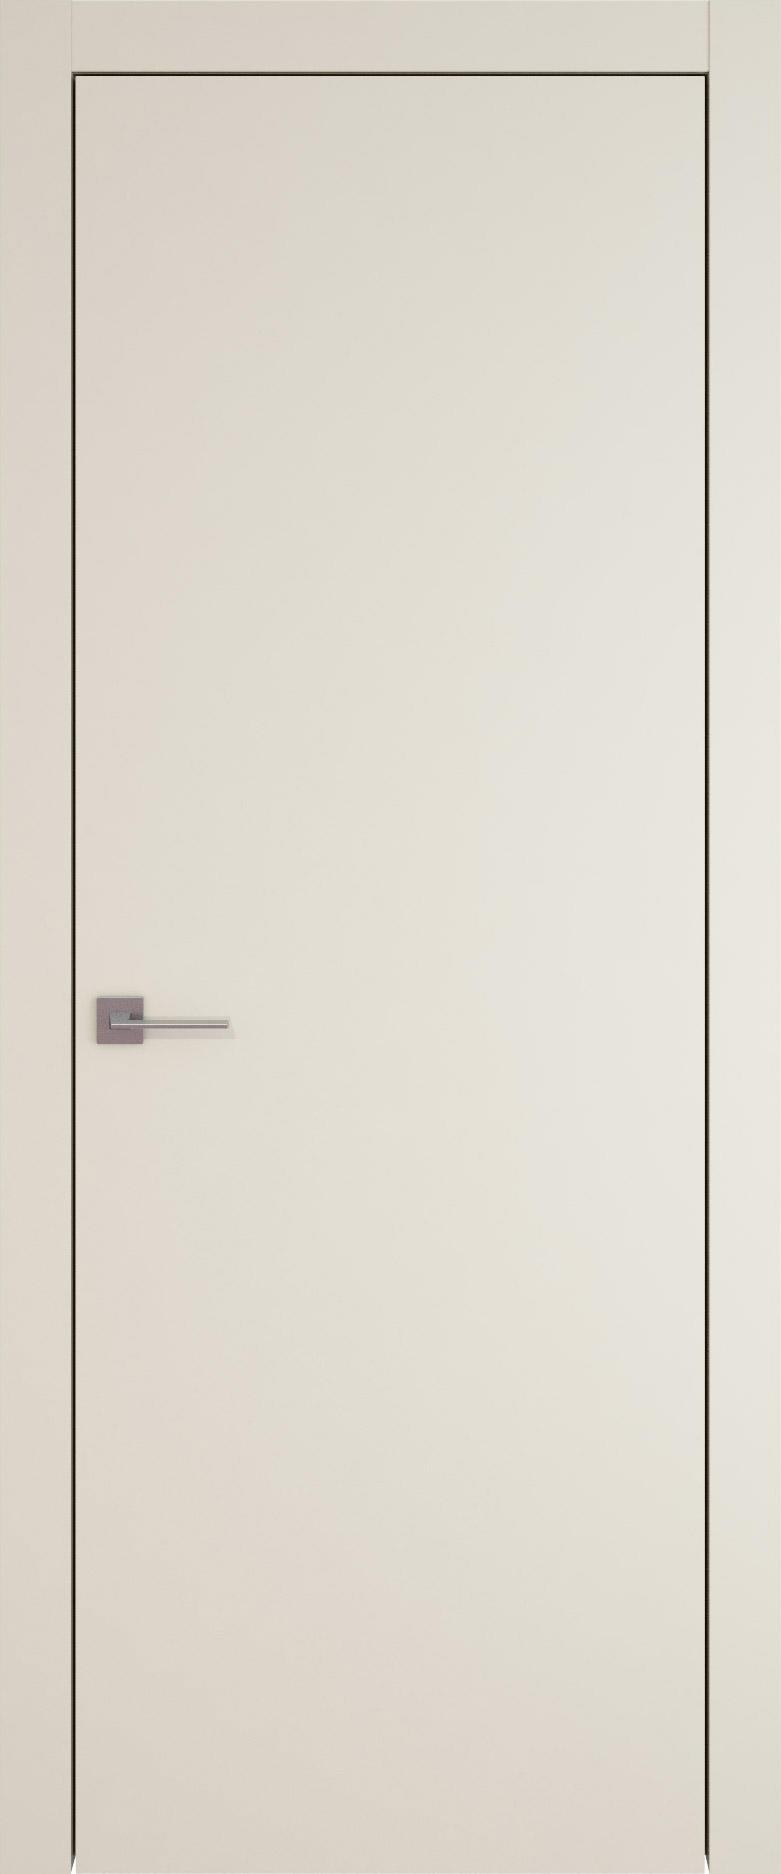 Tivoli А-1 цвет - Жемчужная эмаль (RAL 1013) Без стекла (ДГ)